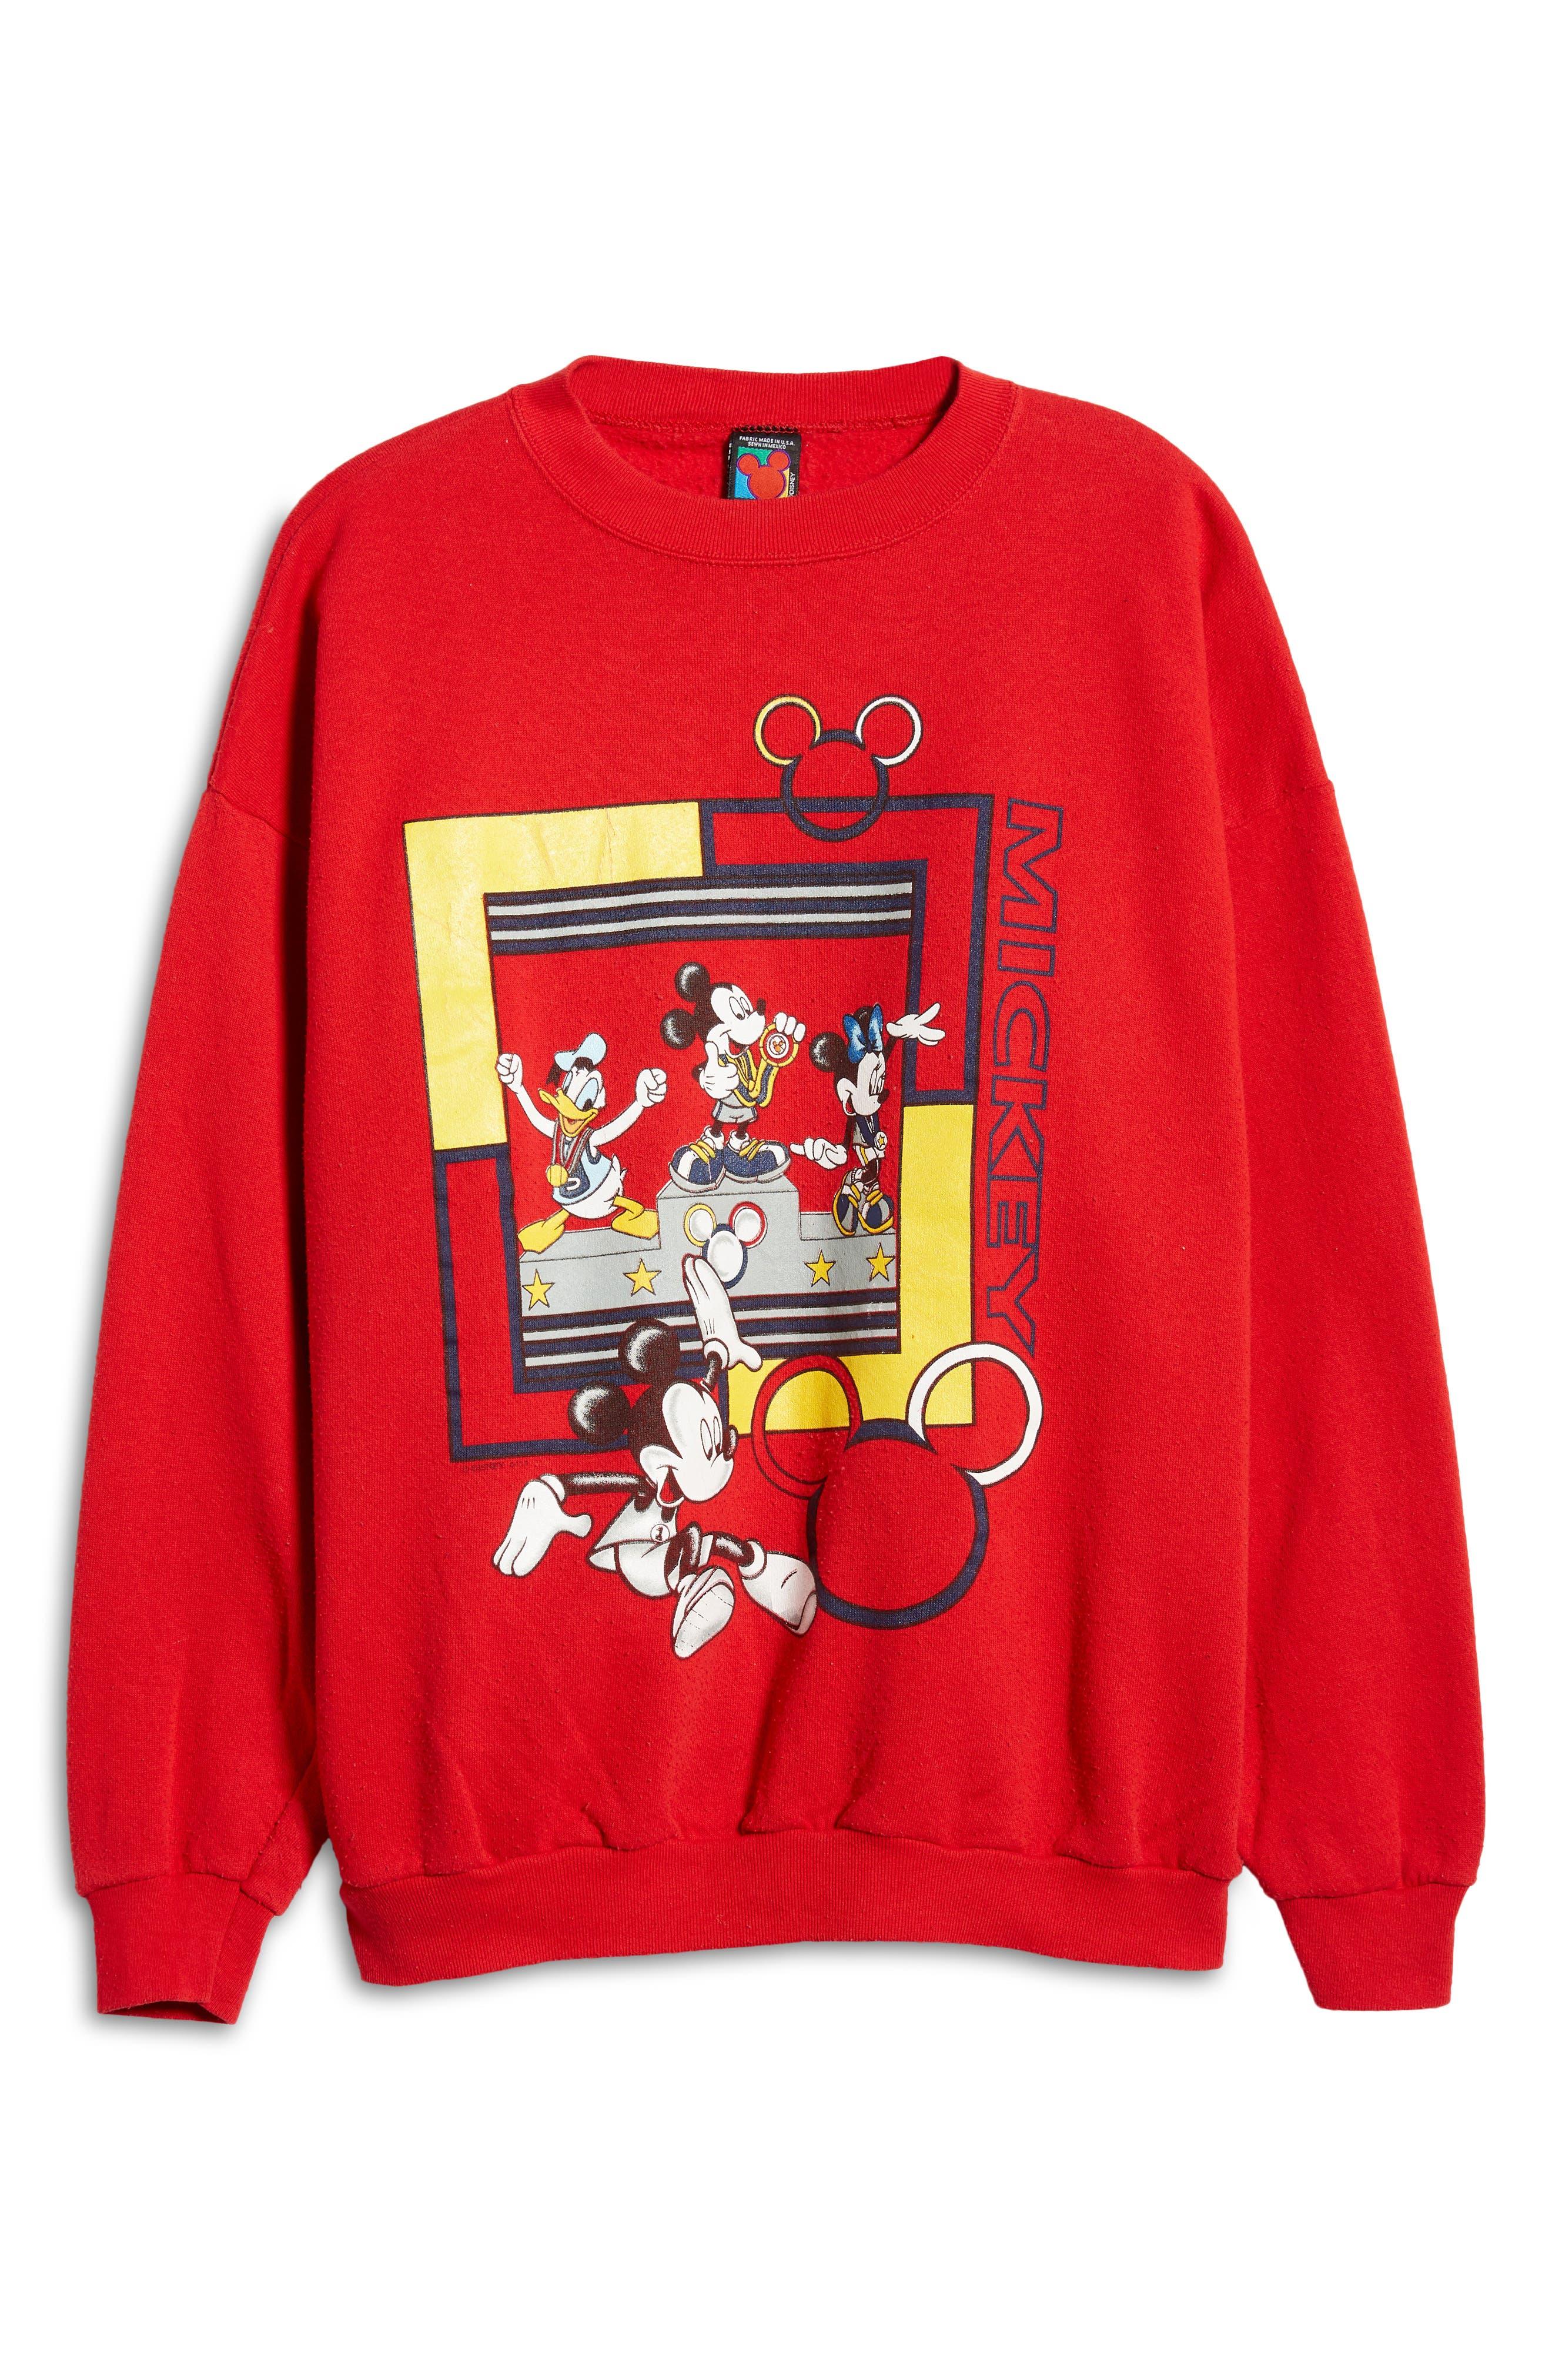 Unisex Secondhand Mickey & Friends Graphic Sweatshirt